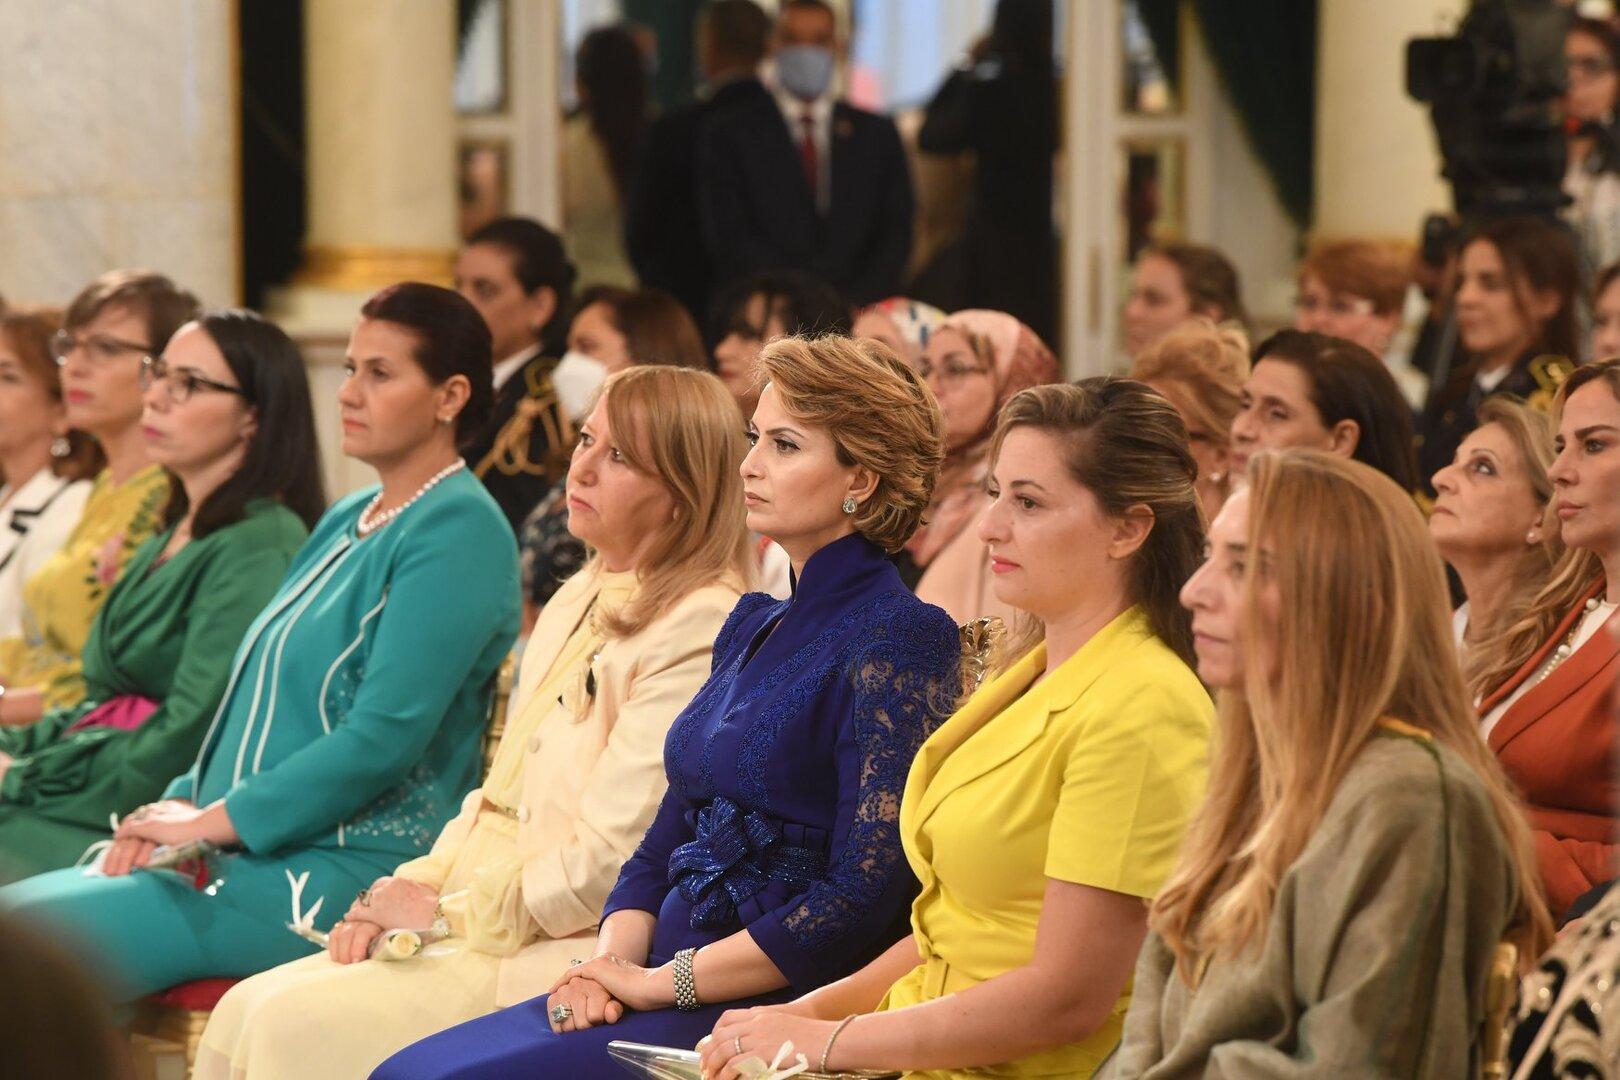 زوجة الرئيس التونسي تخطف الأضواء في أول ظهور رسمي لها (صور)